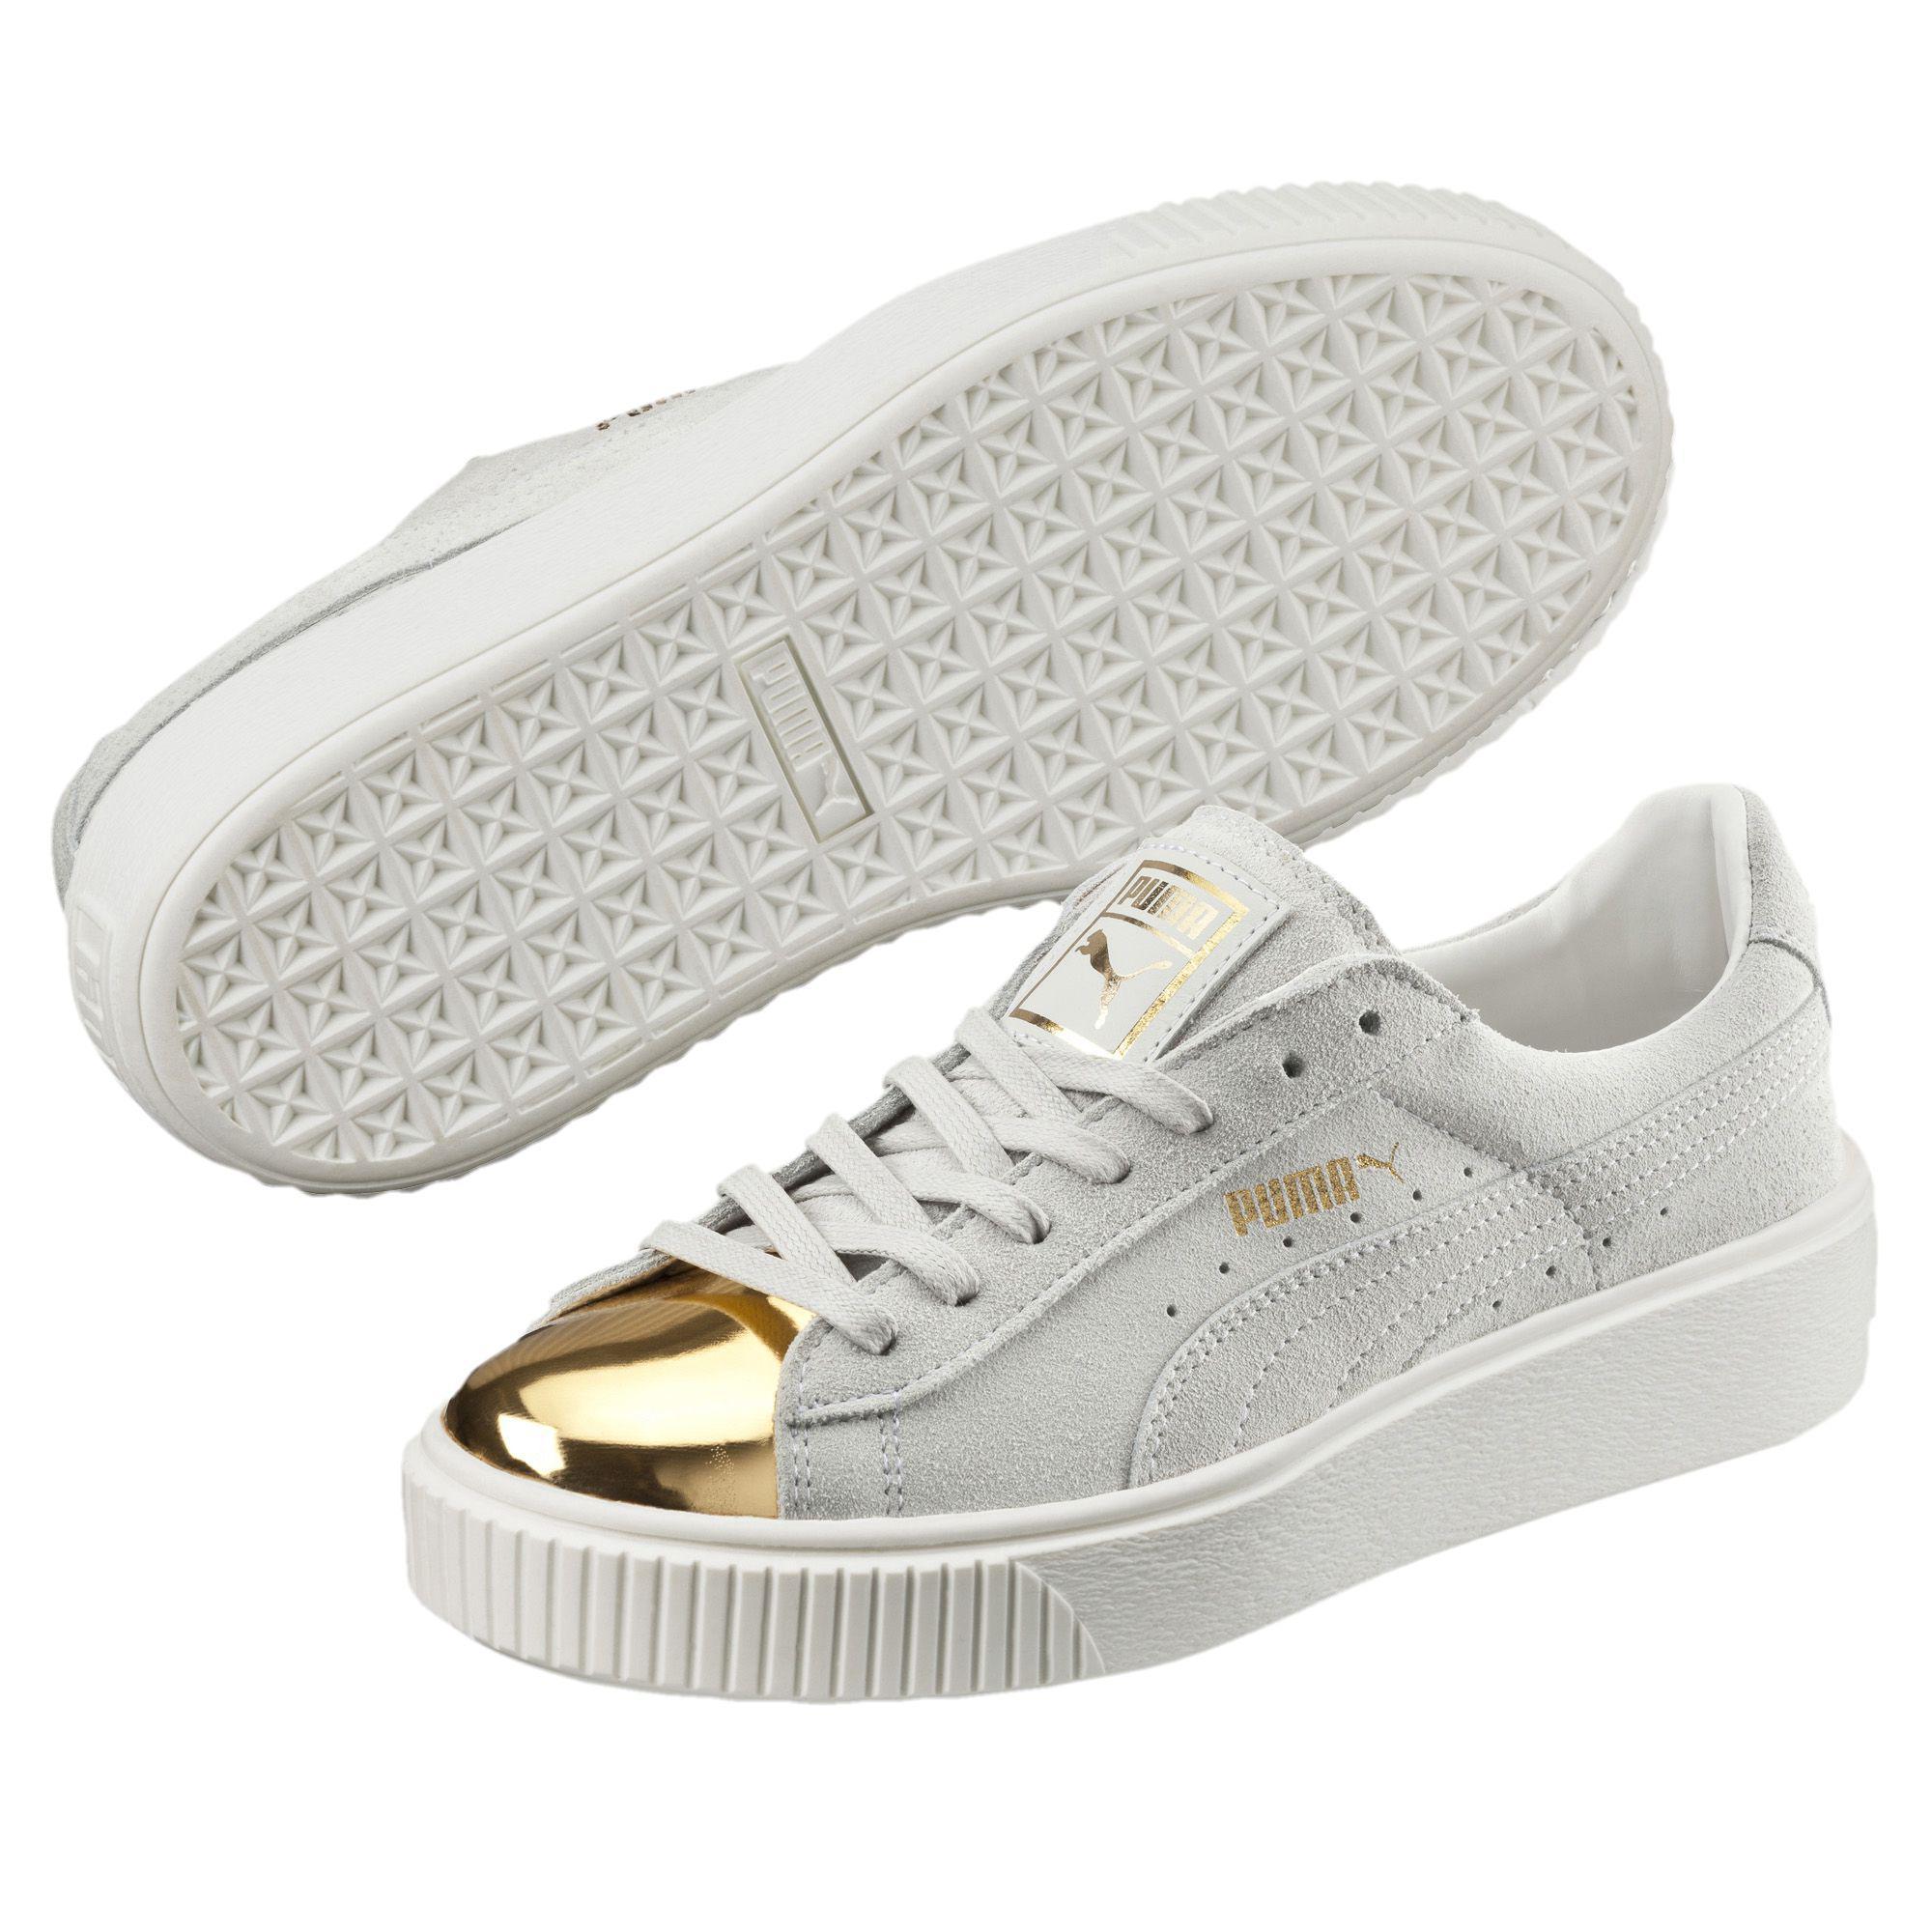 e5d8cbc3c8 PUMA White Suede Platform Gold Women's Sneakers